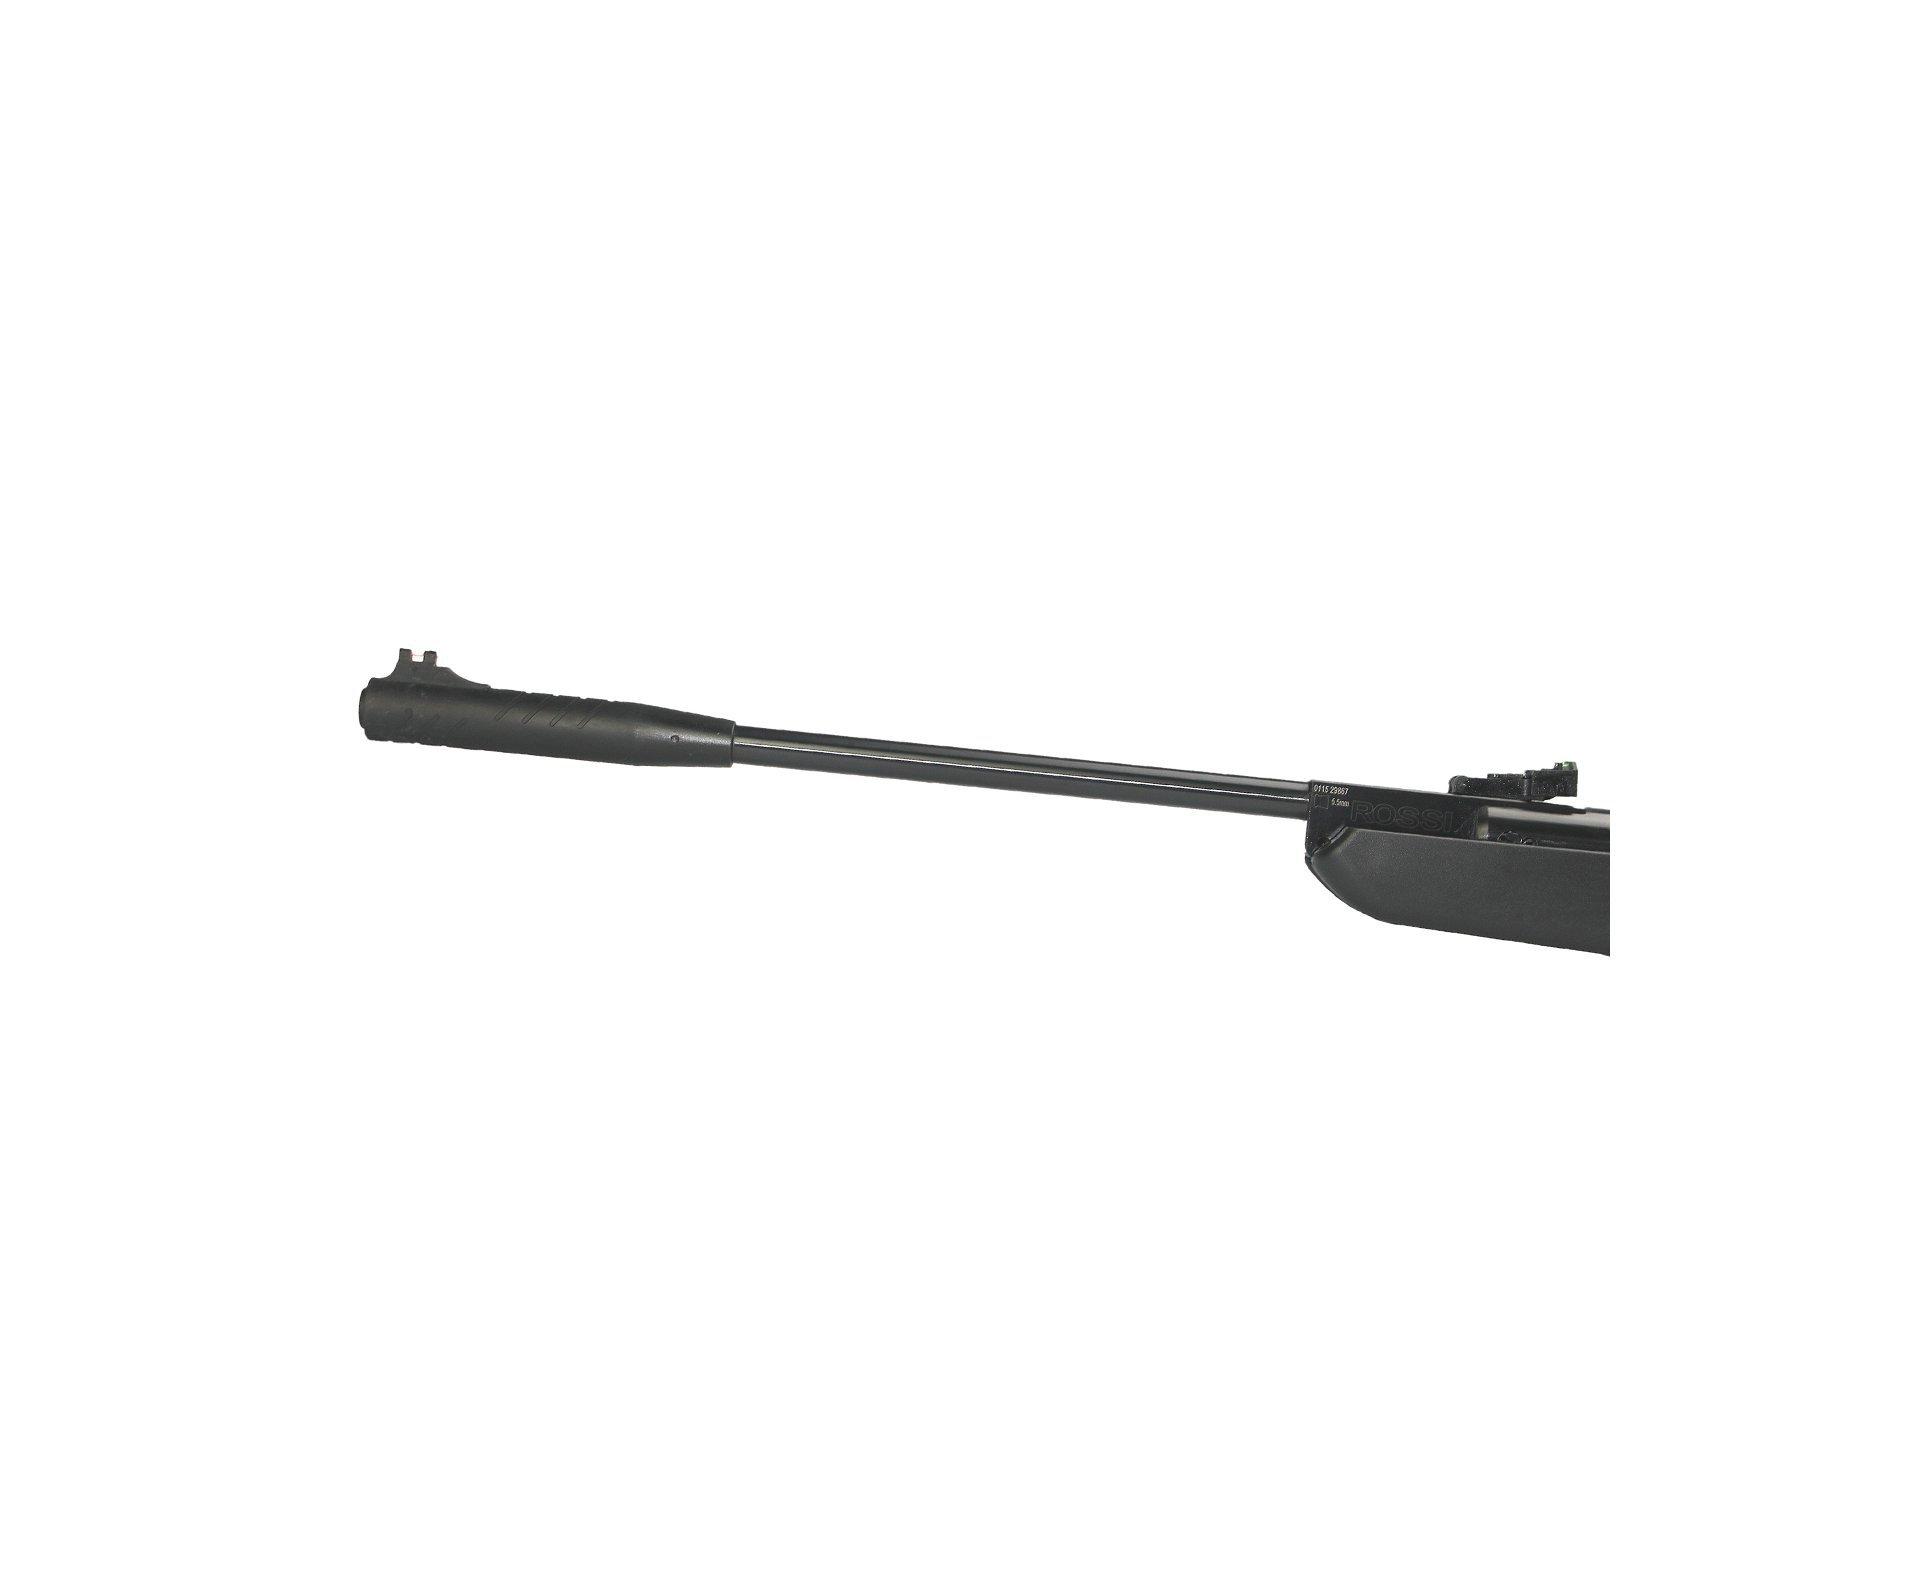 Carabina De Pressão Hatsan Ht 125 - Calibre 4,5 Mm - Com Pistão Pneumático